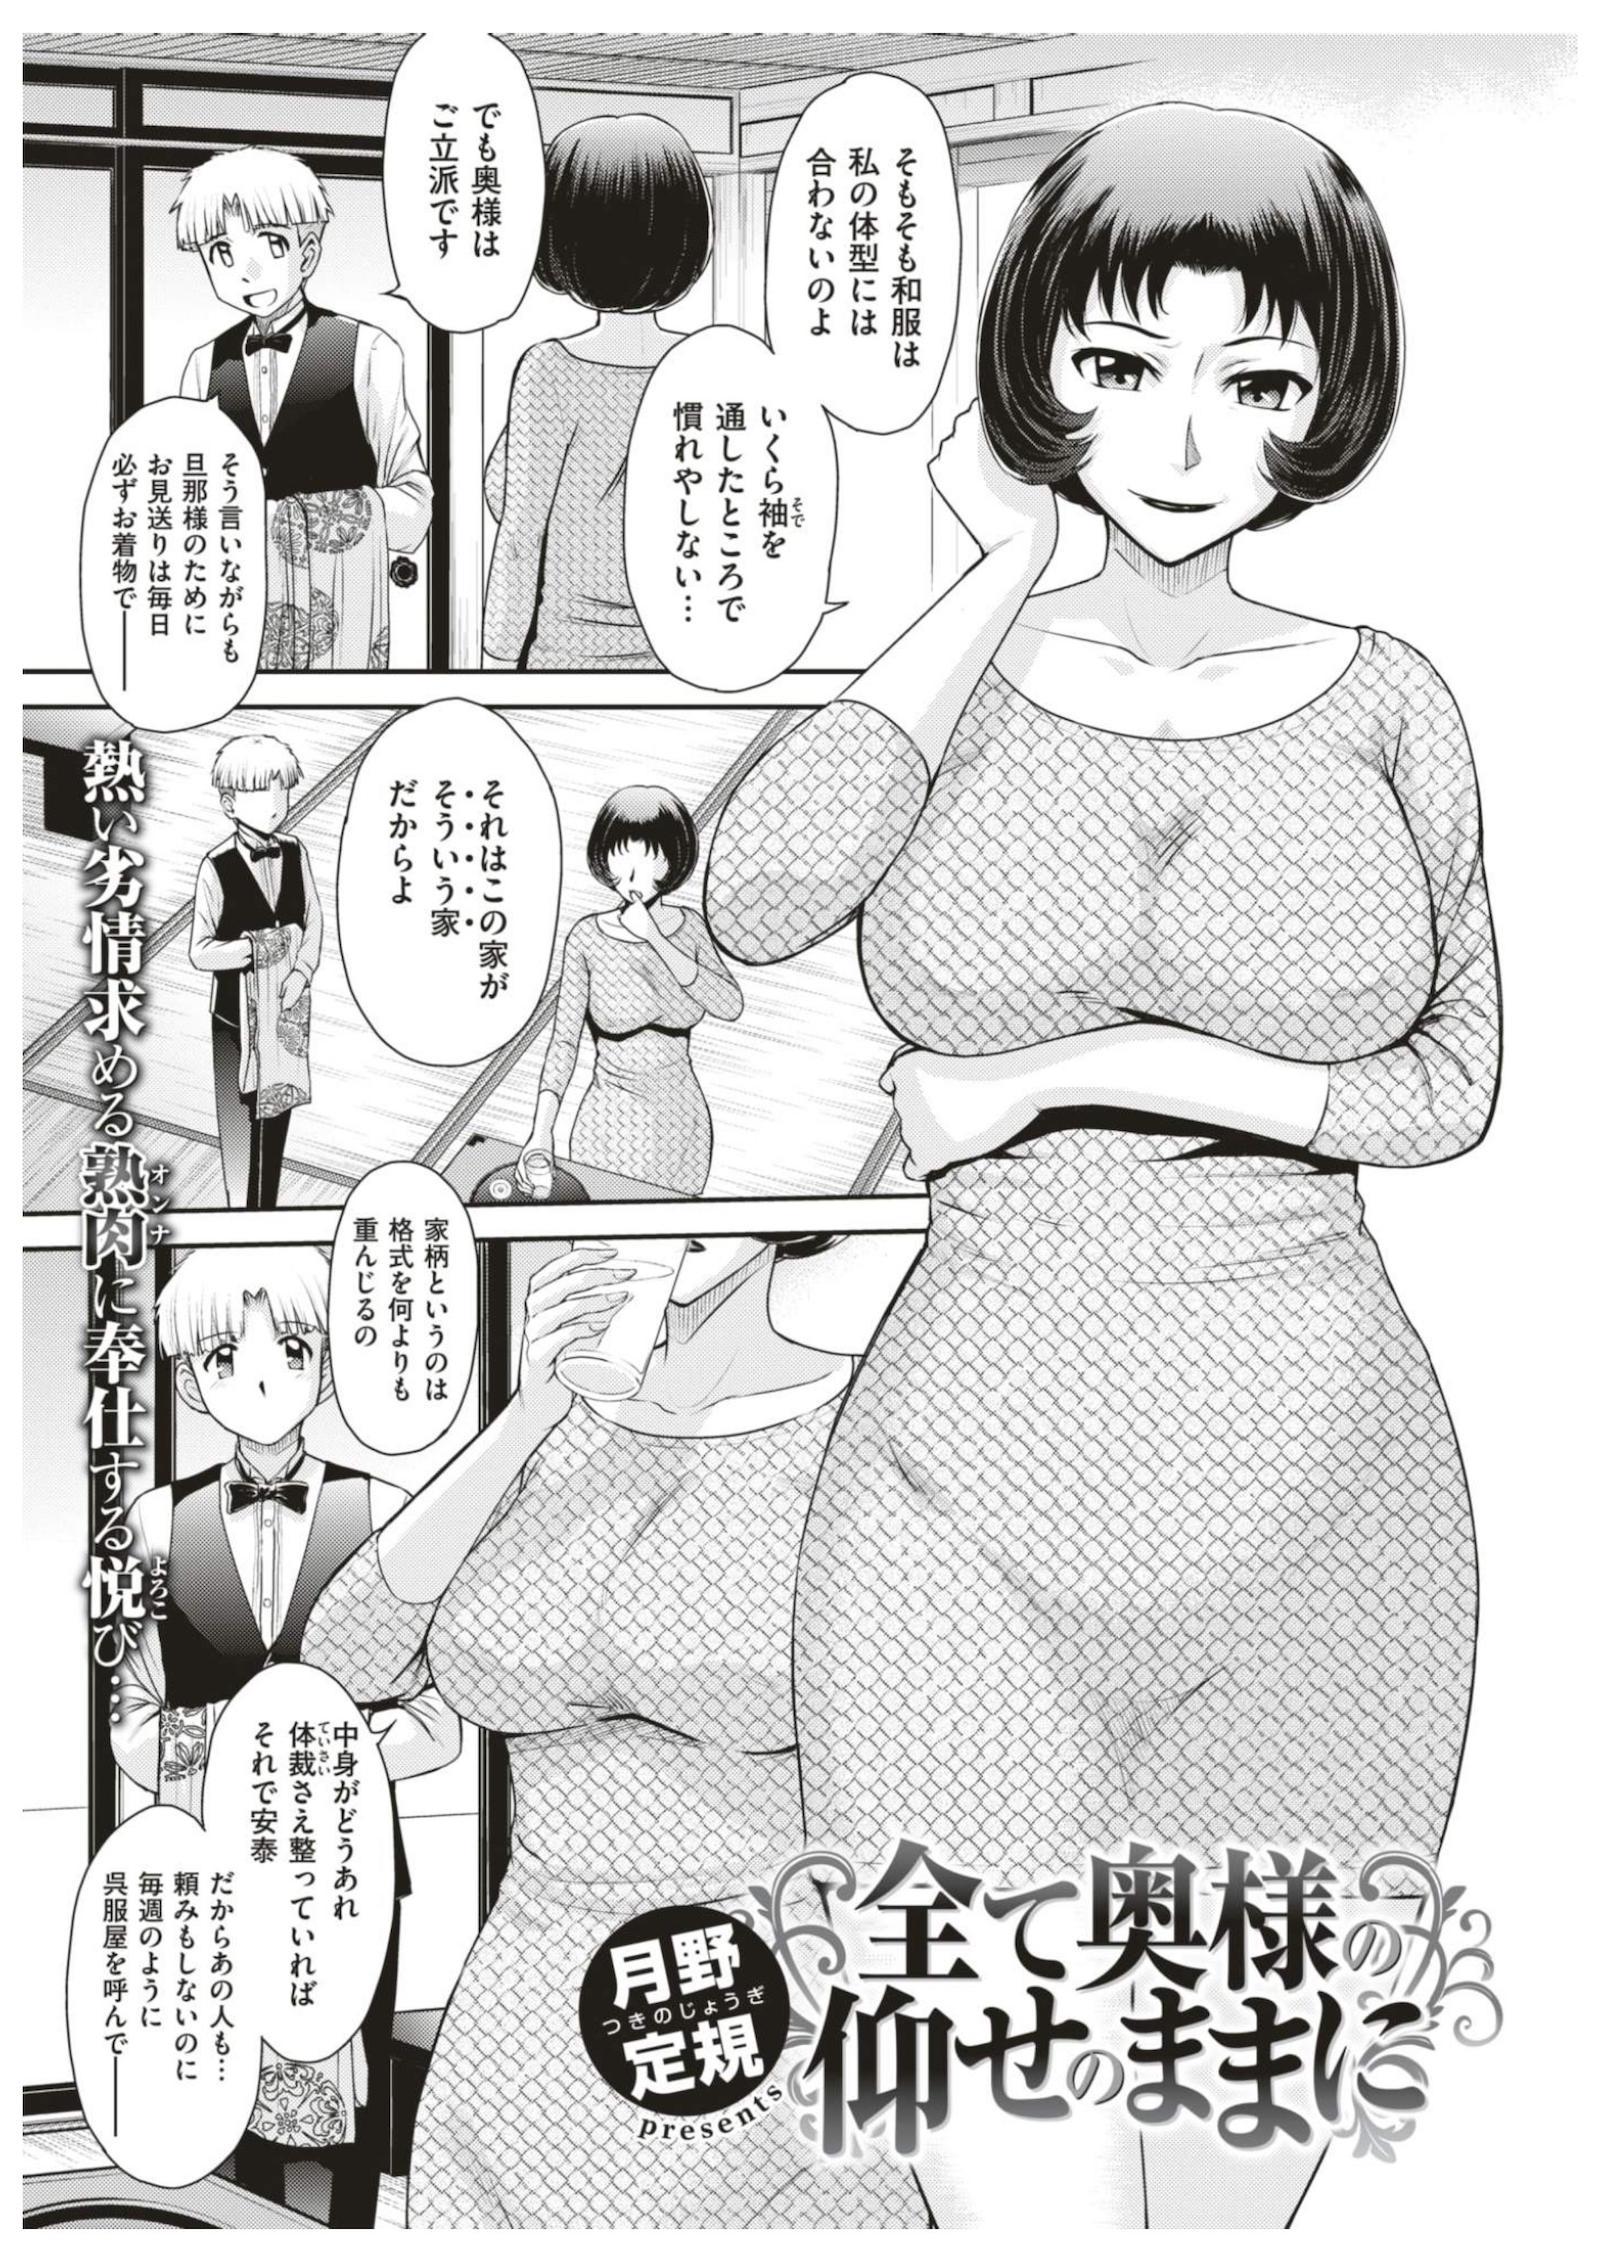 【エロ漫画】凛とした美貌の名家の奥様がストレス発散に性指導した使用人のチンポ汁を味わい子宮口姦通で種付け!